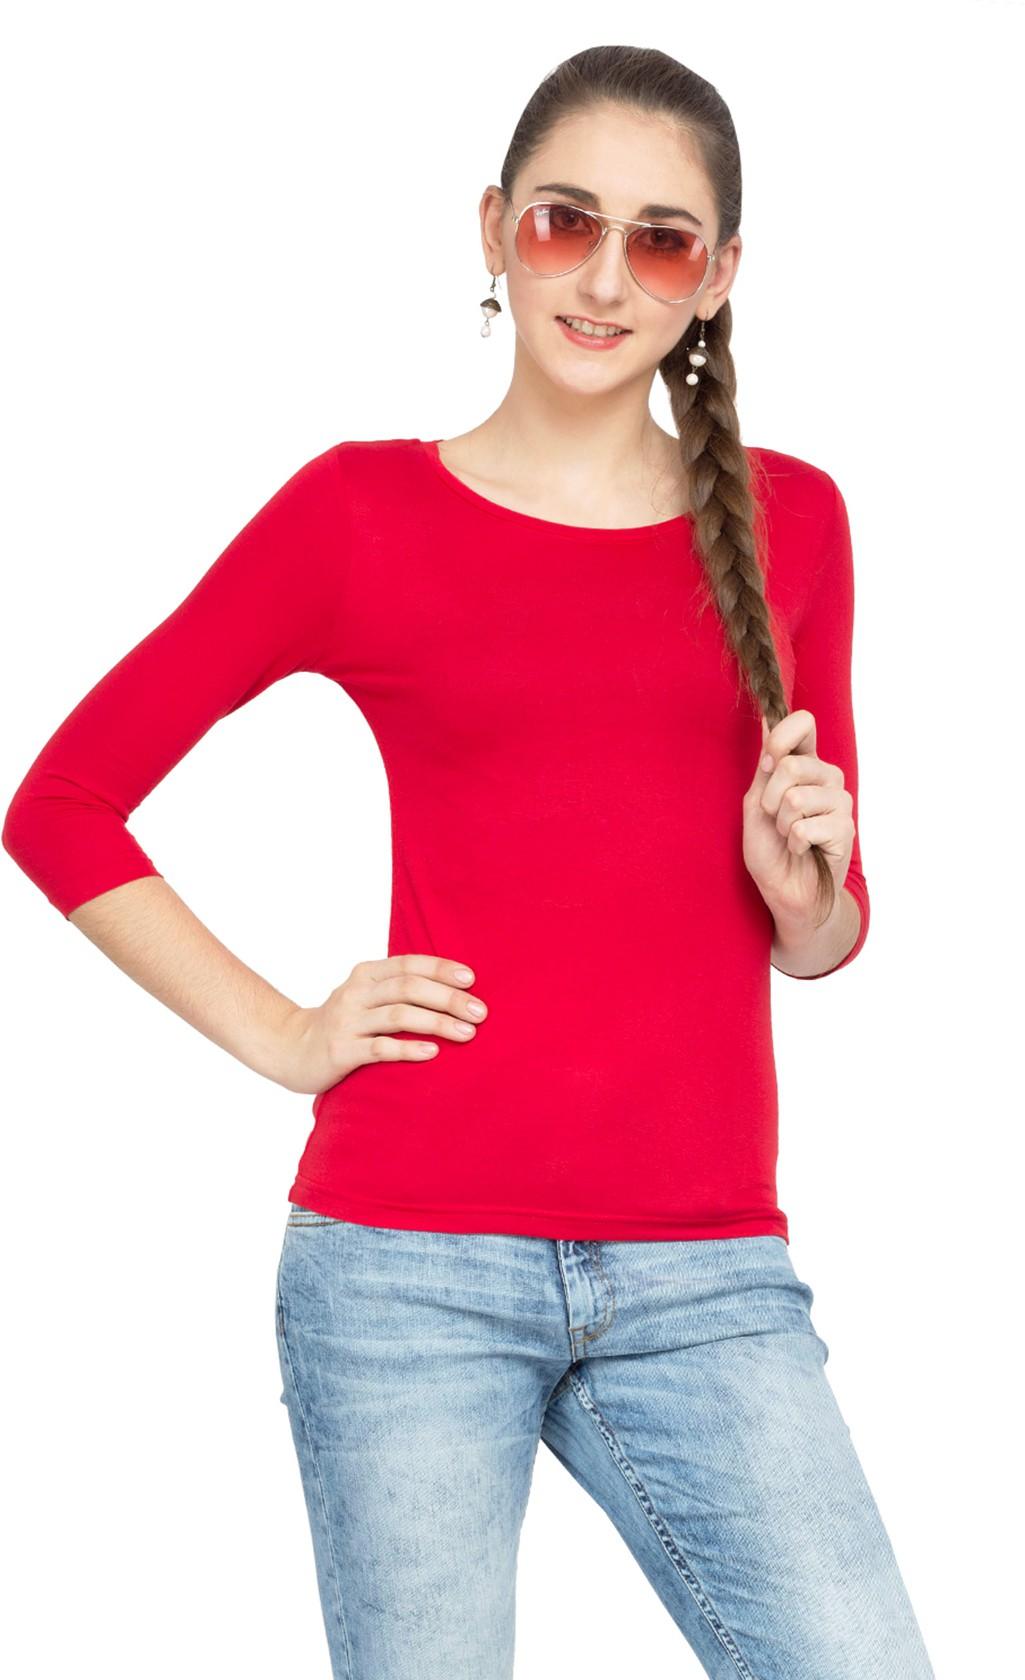 Alibi Solid Womens Round Neck T-Shirt